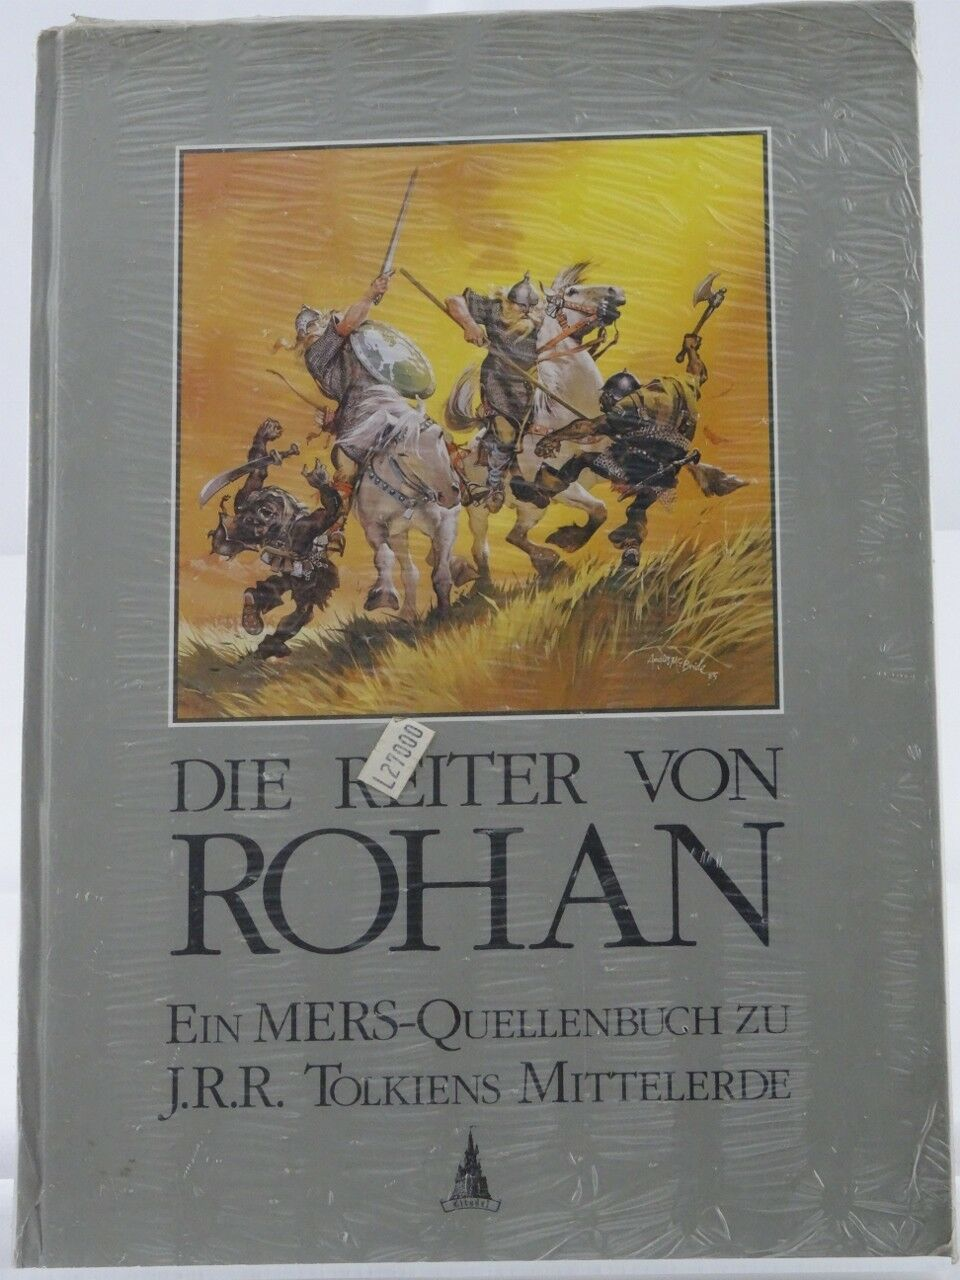 MERS - Die Reiter von Rohan - (Citadel, Mittelerde) 101001002